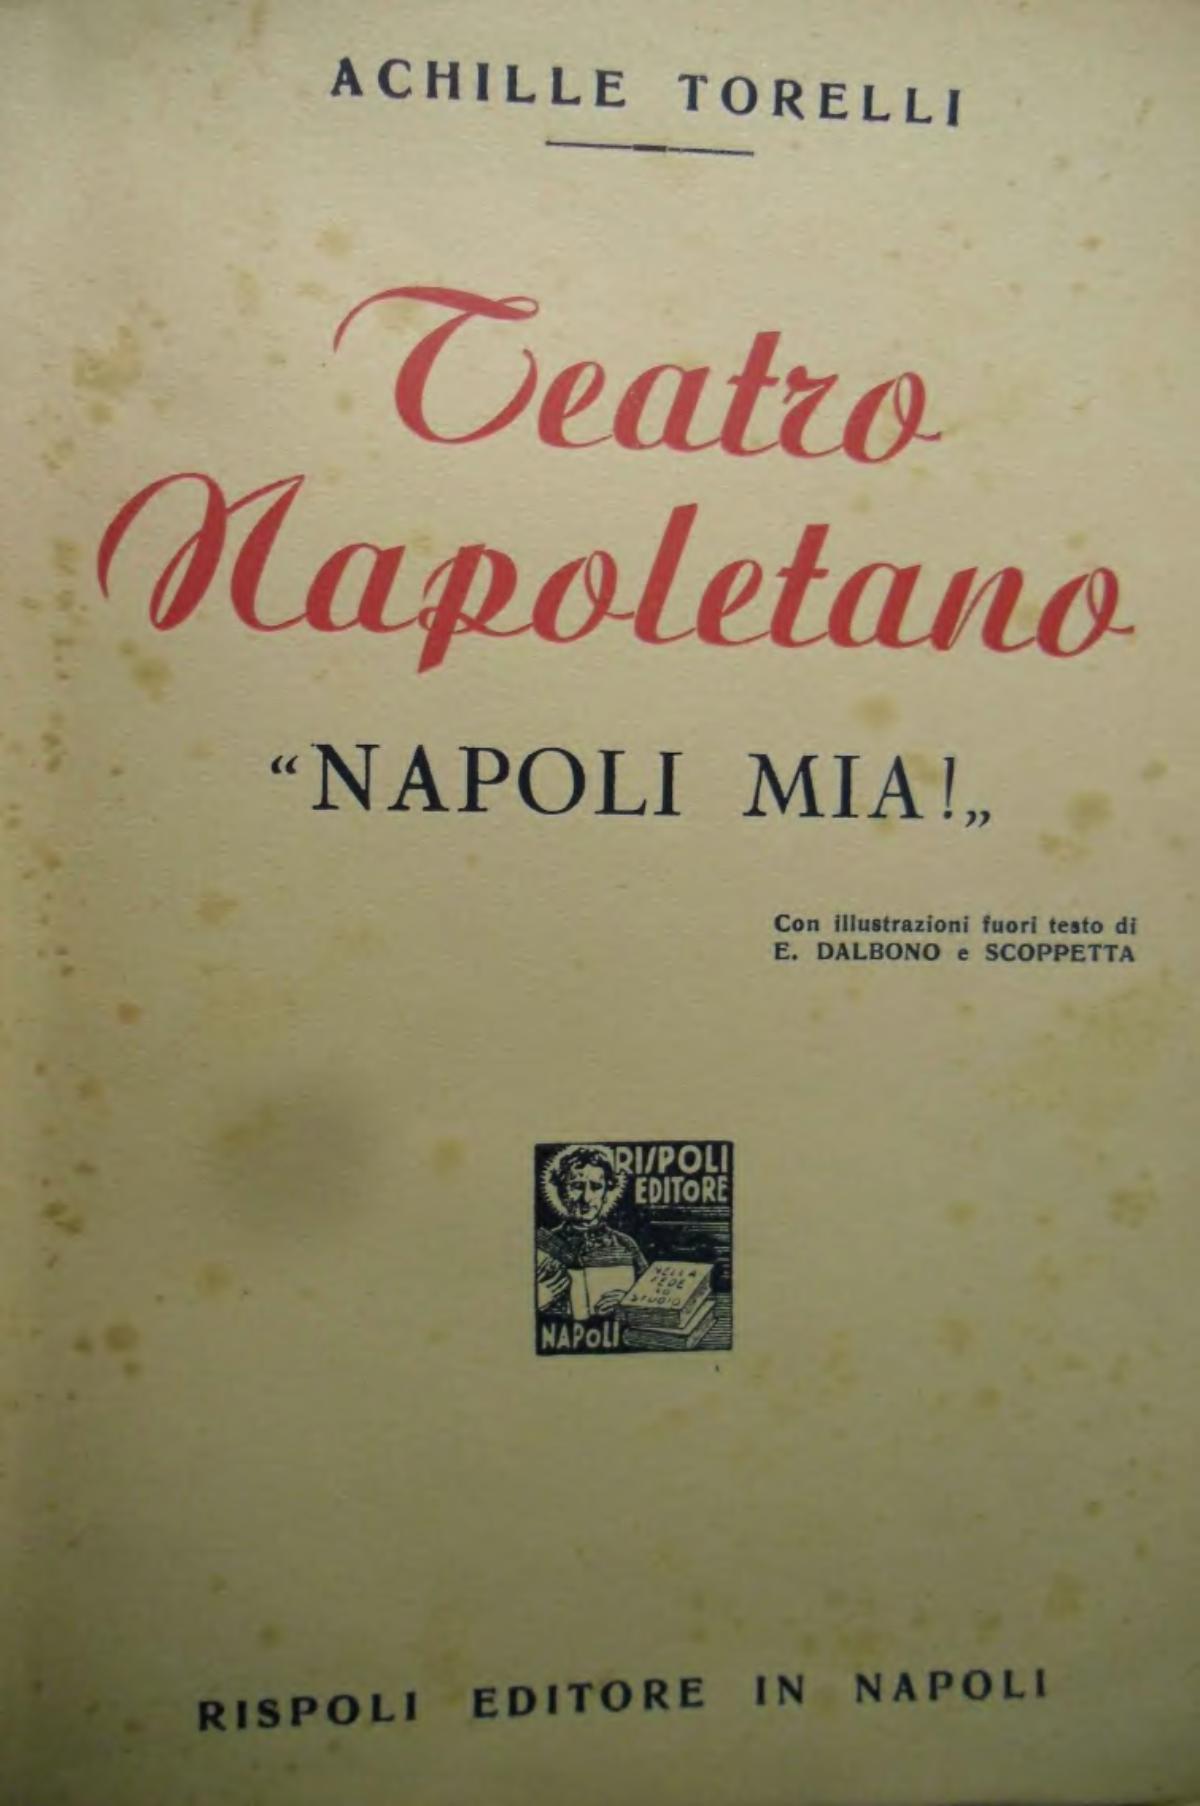 cheaper 1562d 8f9b4 Teatro Napoletano - Napoli mia! - Wikisource